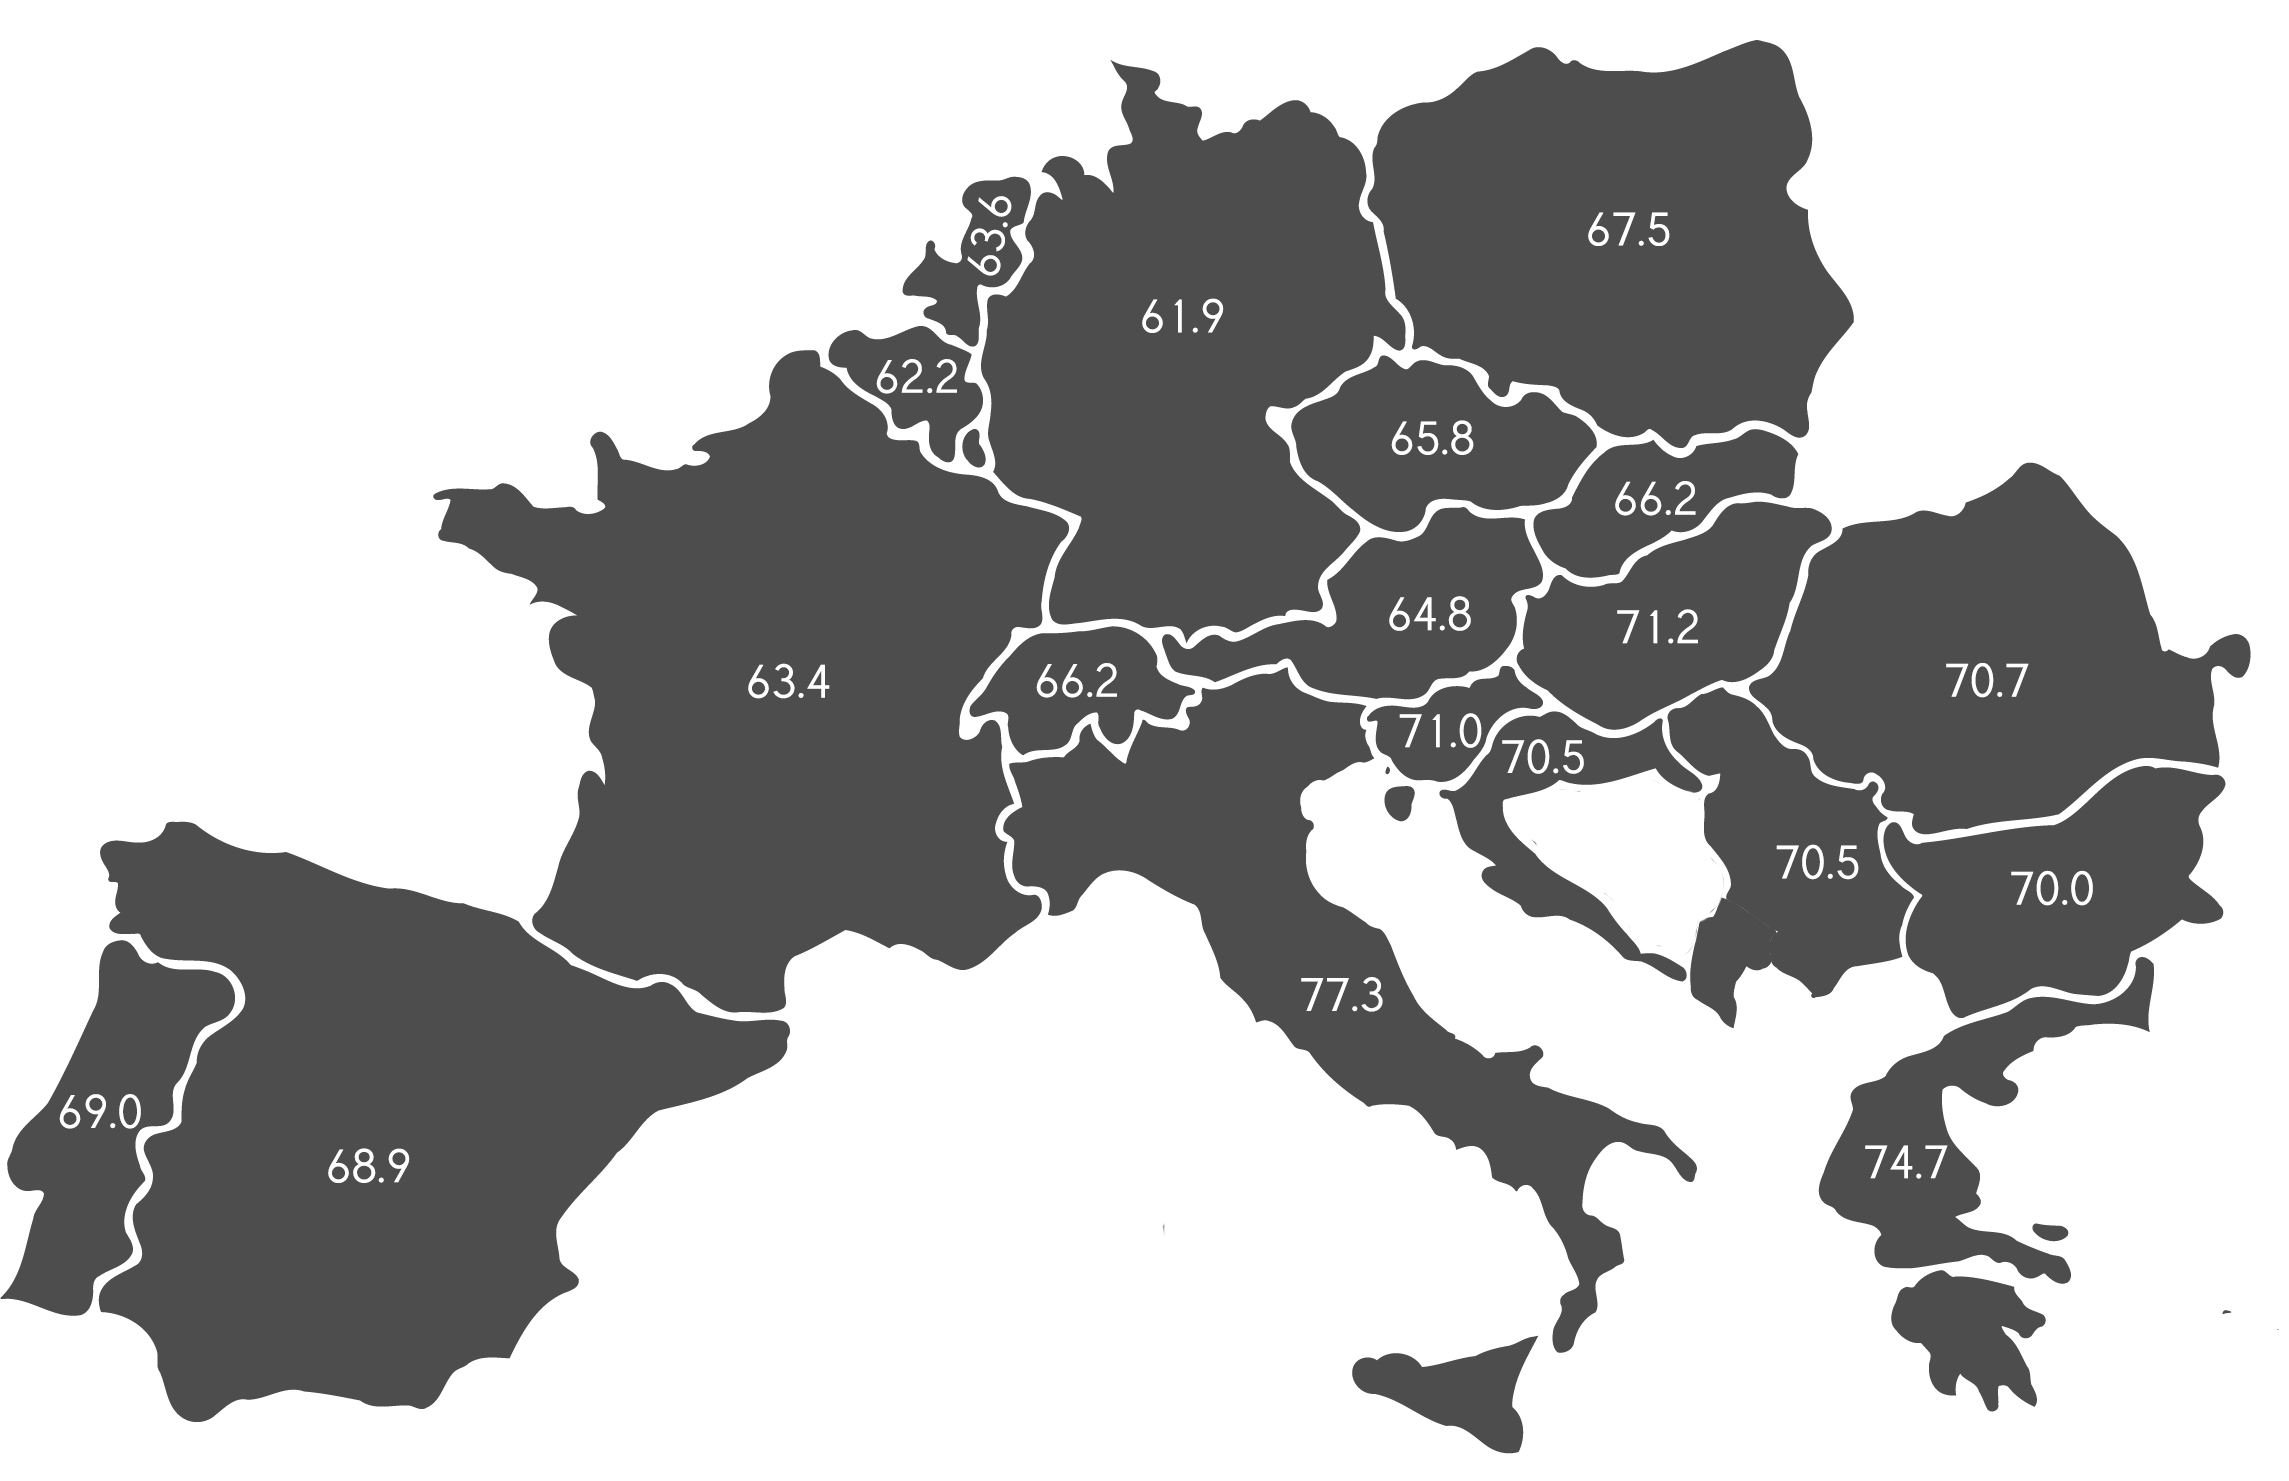 Energy prices across EU_v1